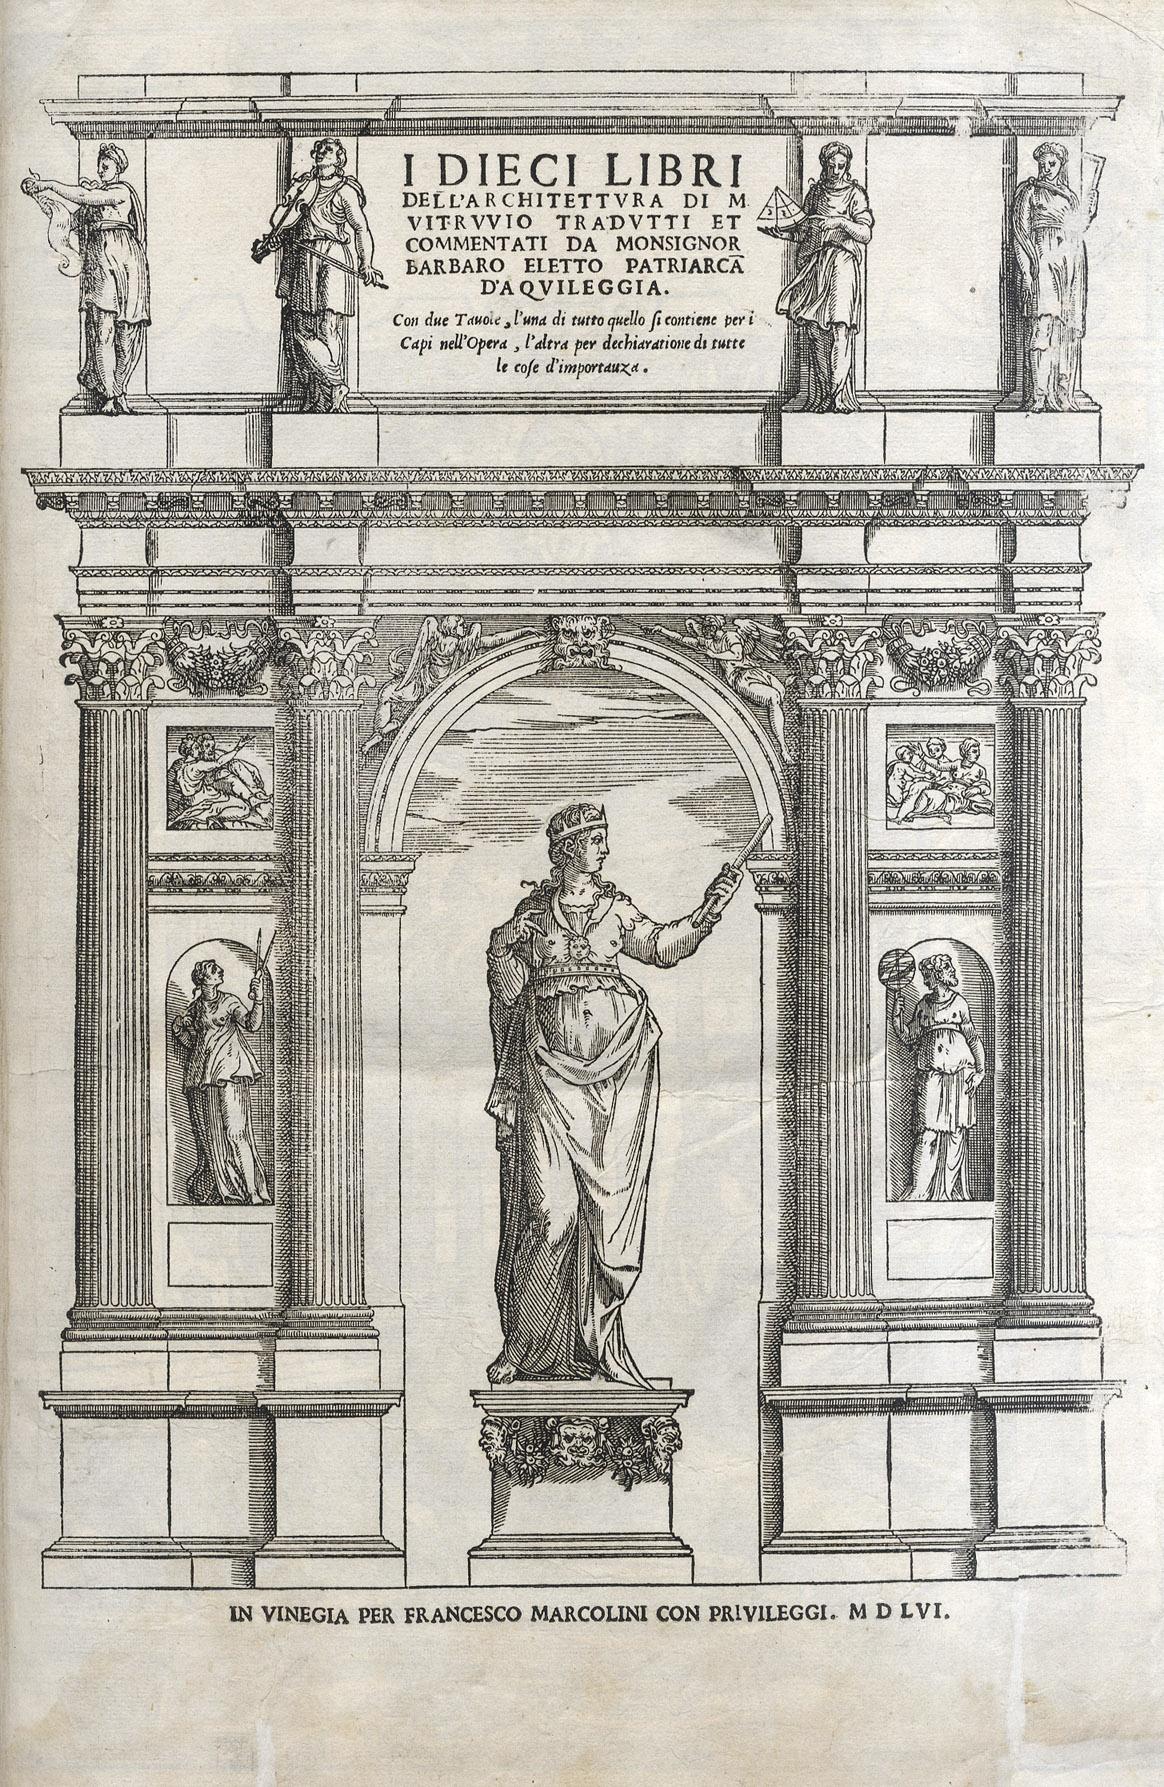 Book cover of I dieci libri dell'architettvra